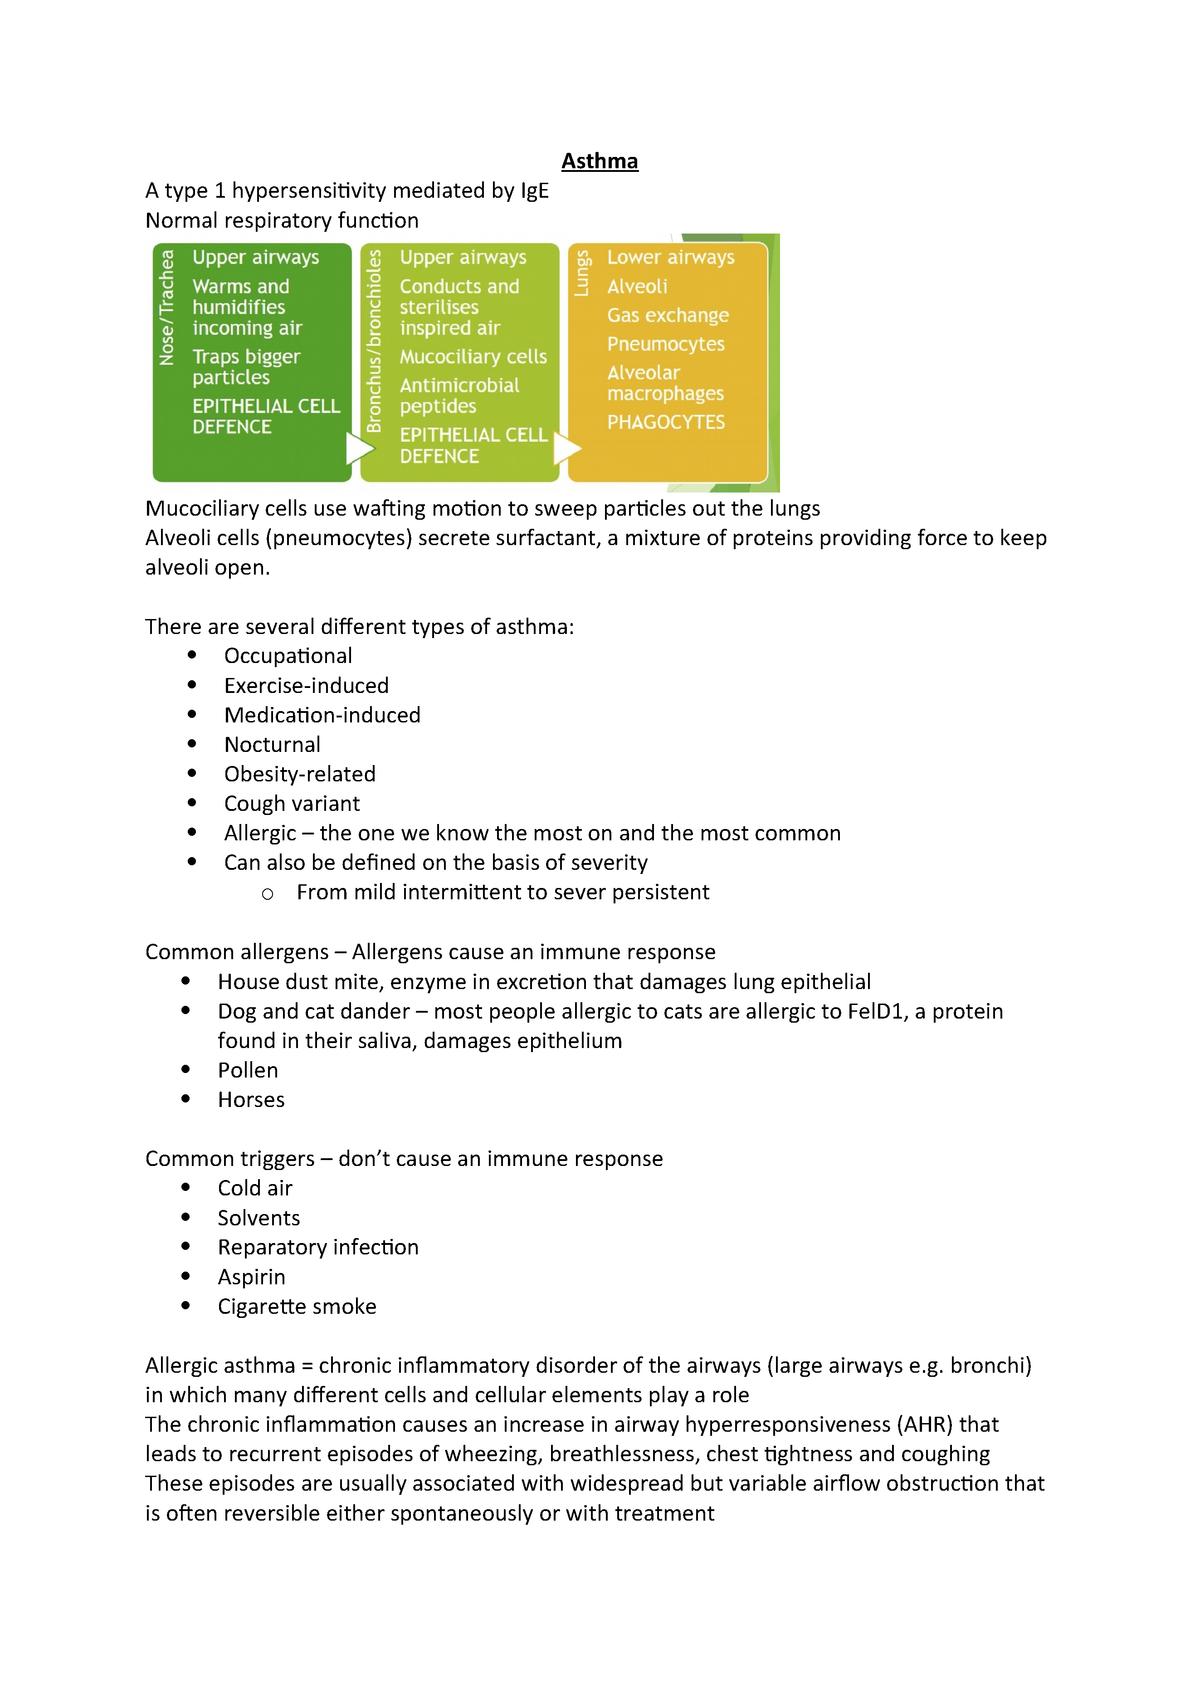 Asthma - BY3BD2: Biological Basis of Human Disease - StuDocu